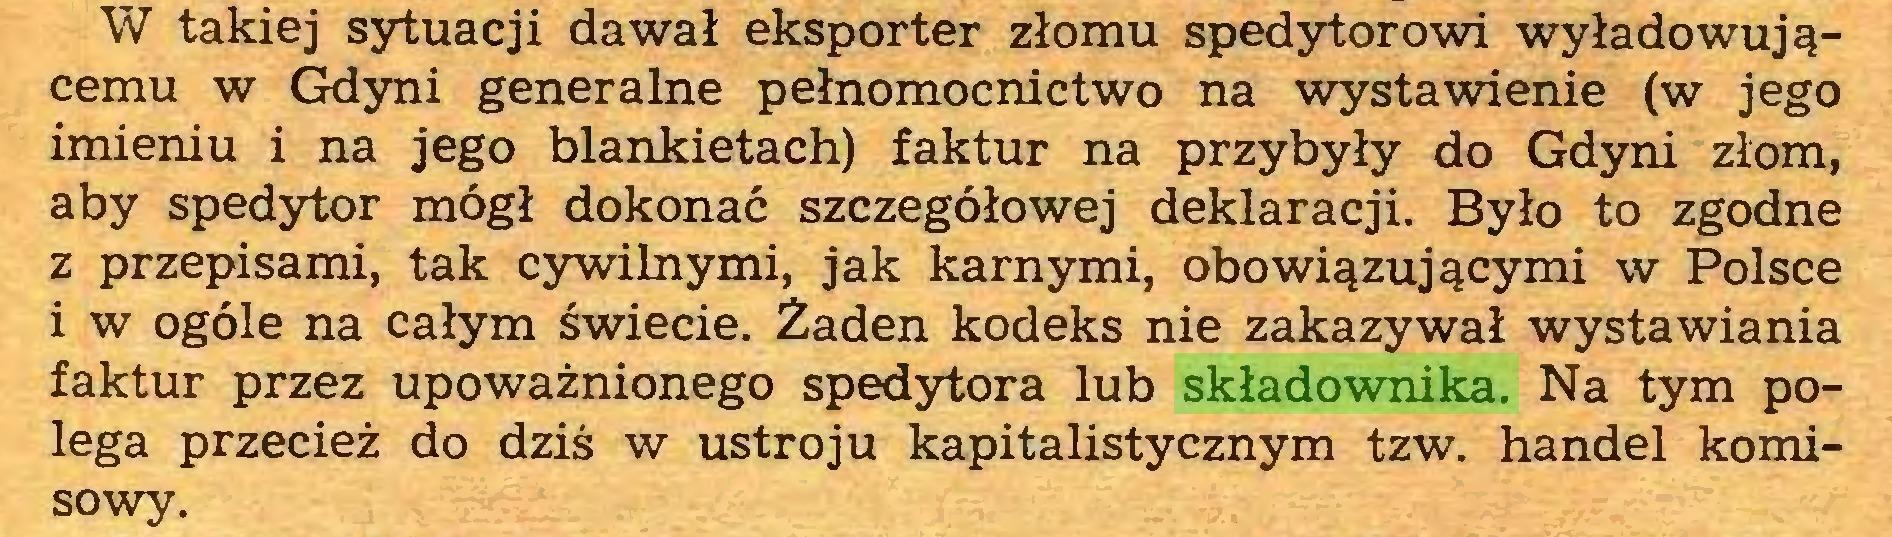 (...) W takiej sytuacji dawał eksporter złomu spedytorowi wyładowującemu w Gdyni generalne pełnomocnictwo na wystawienie (w jego imieniu i na jego blankietach) faktur na przybyły do Gdyni złom, aby spedytor mógł dokonać szczegółowej deklaracji. Było to zgodne z przepisami, tak cywilnymi, jak karnymi, obowiązującymi w Polsce i w ogóle na całym świecie. Żaden kodeks nie zakazywał wystawiania faktur przez upoważnionego spedytora lub składownika. Na tym polega przecież do dziś w ustroju kapitalistycznym tzw. handel komisowy...